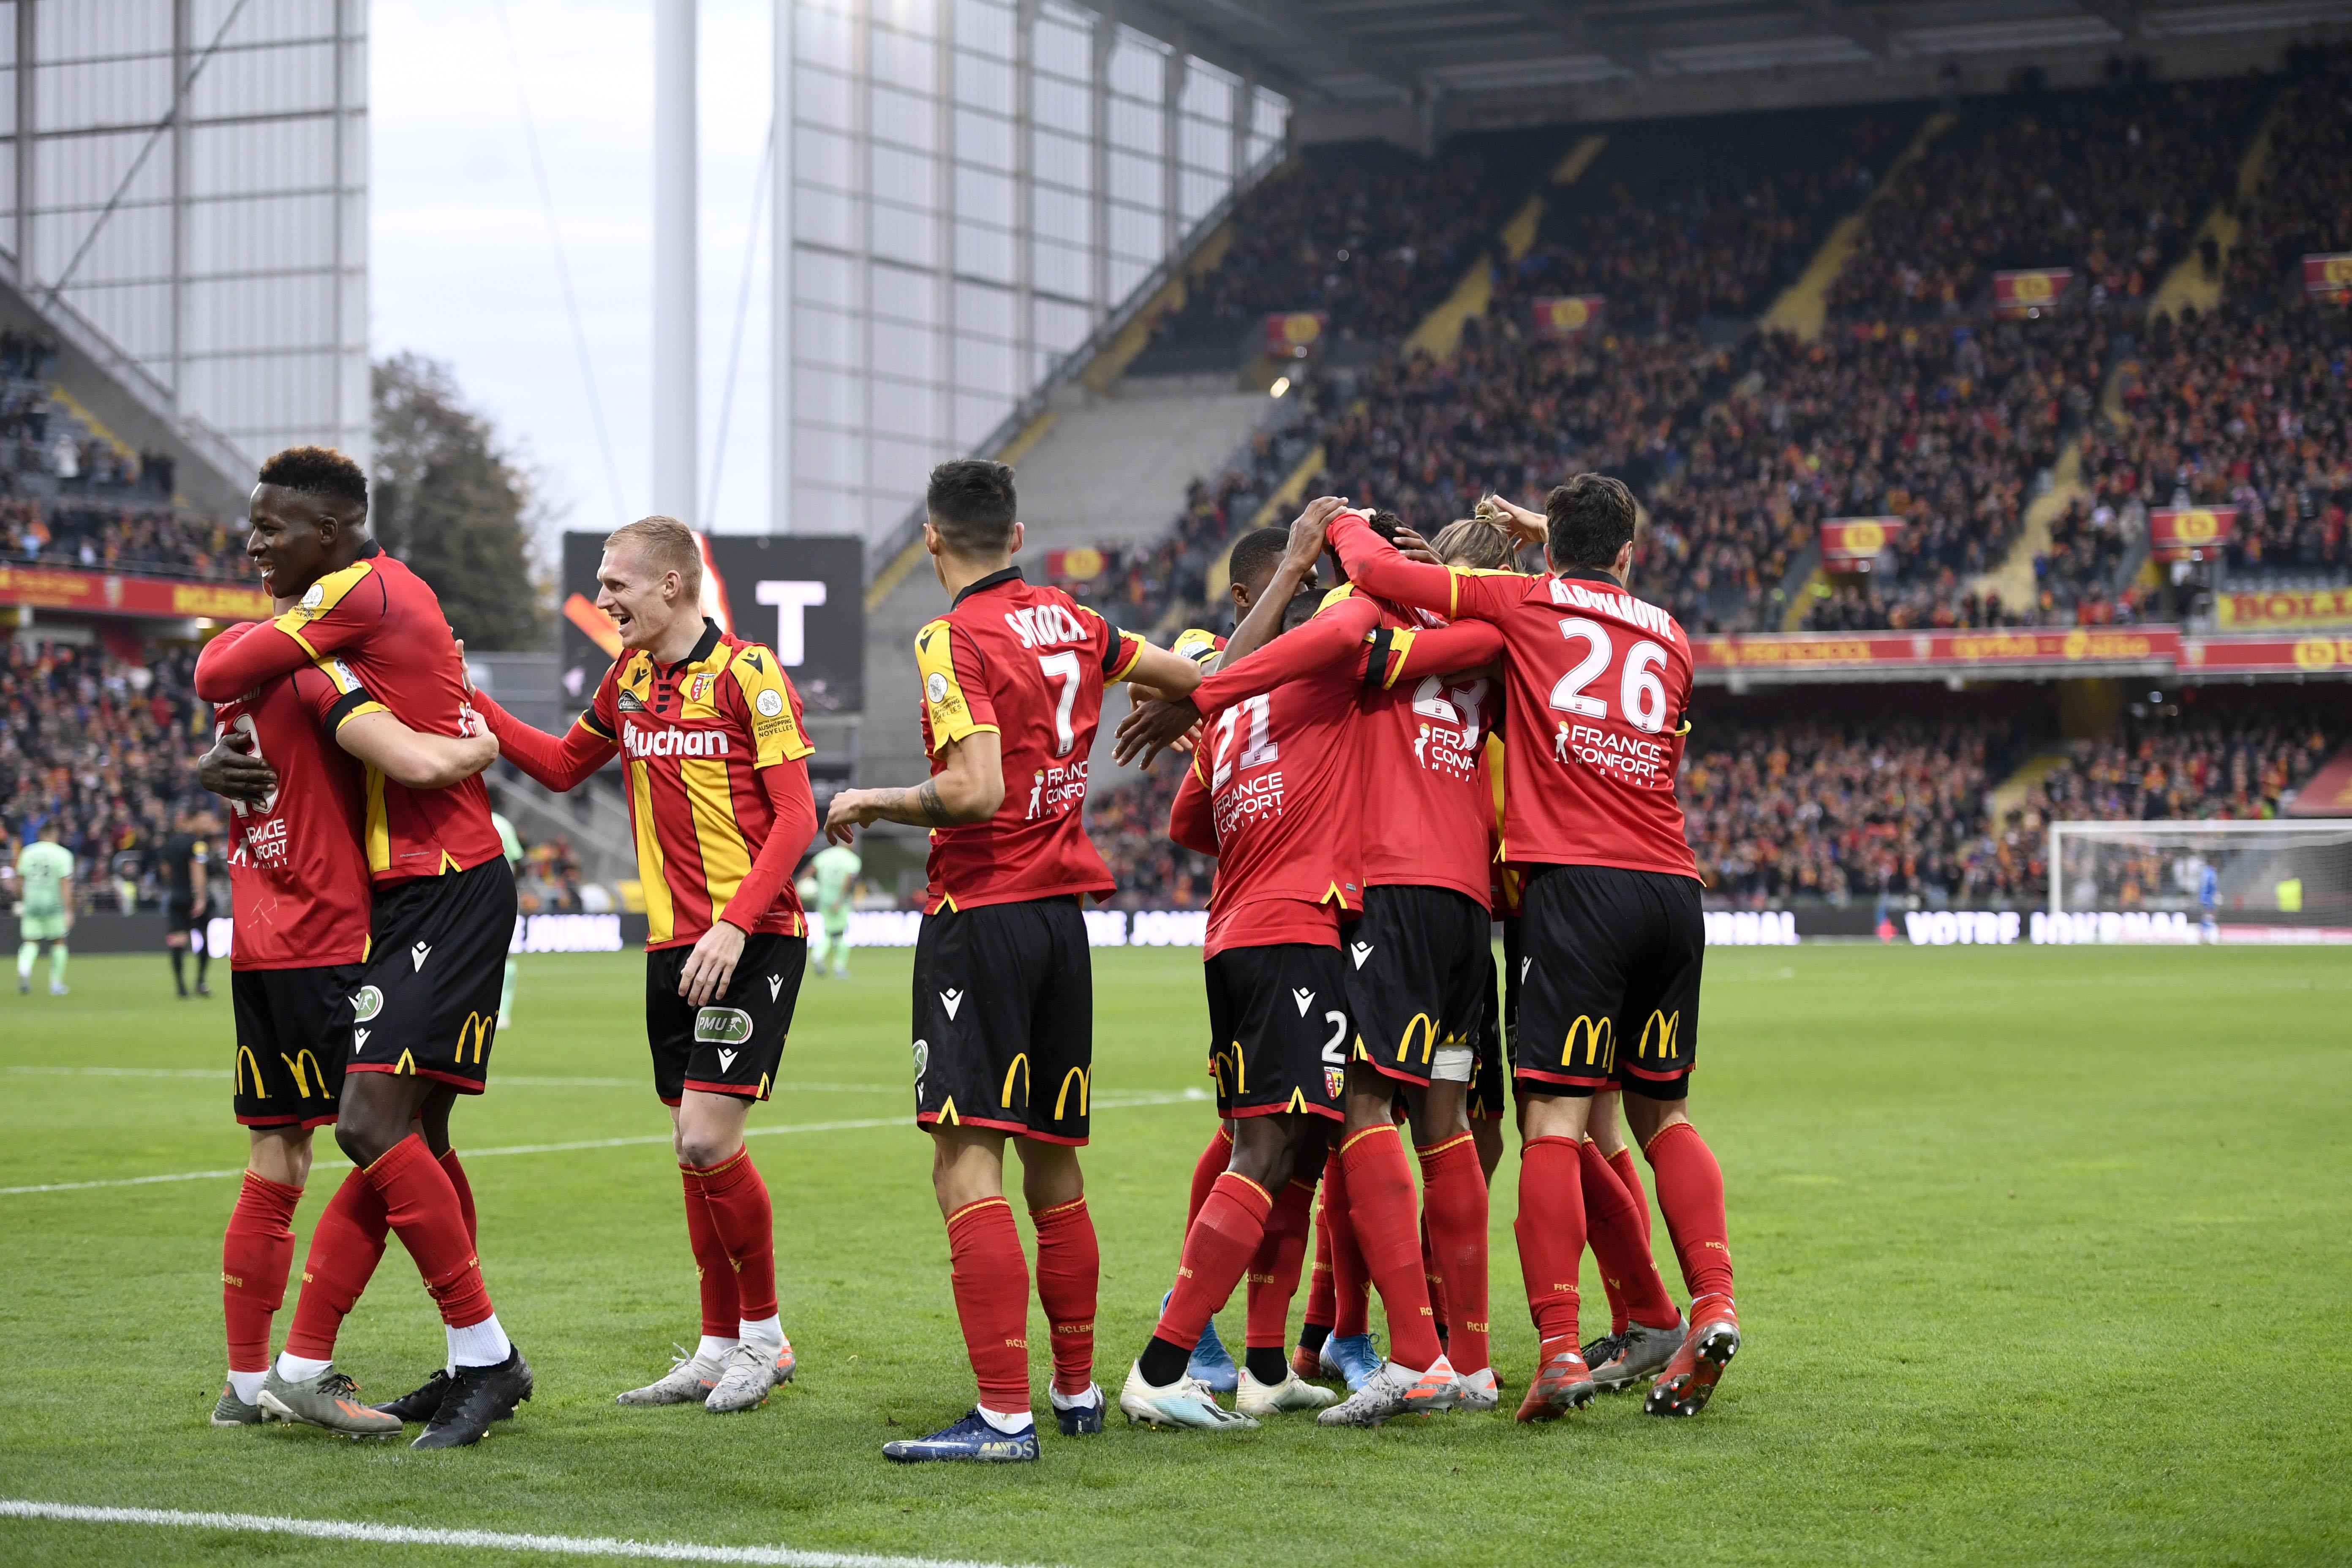 Football - Ligue 2 - Lens et Lorient au top, Caen et Guingamp dans le dur : Le point sur la Ligue 2